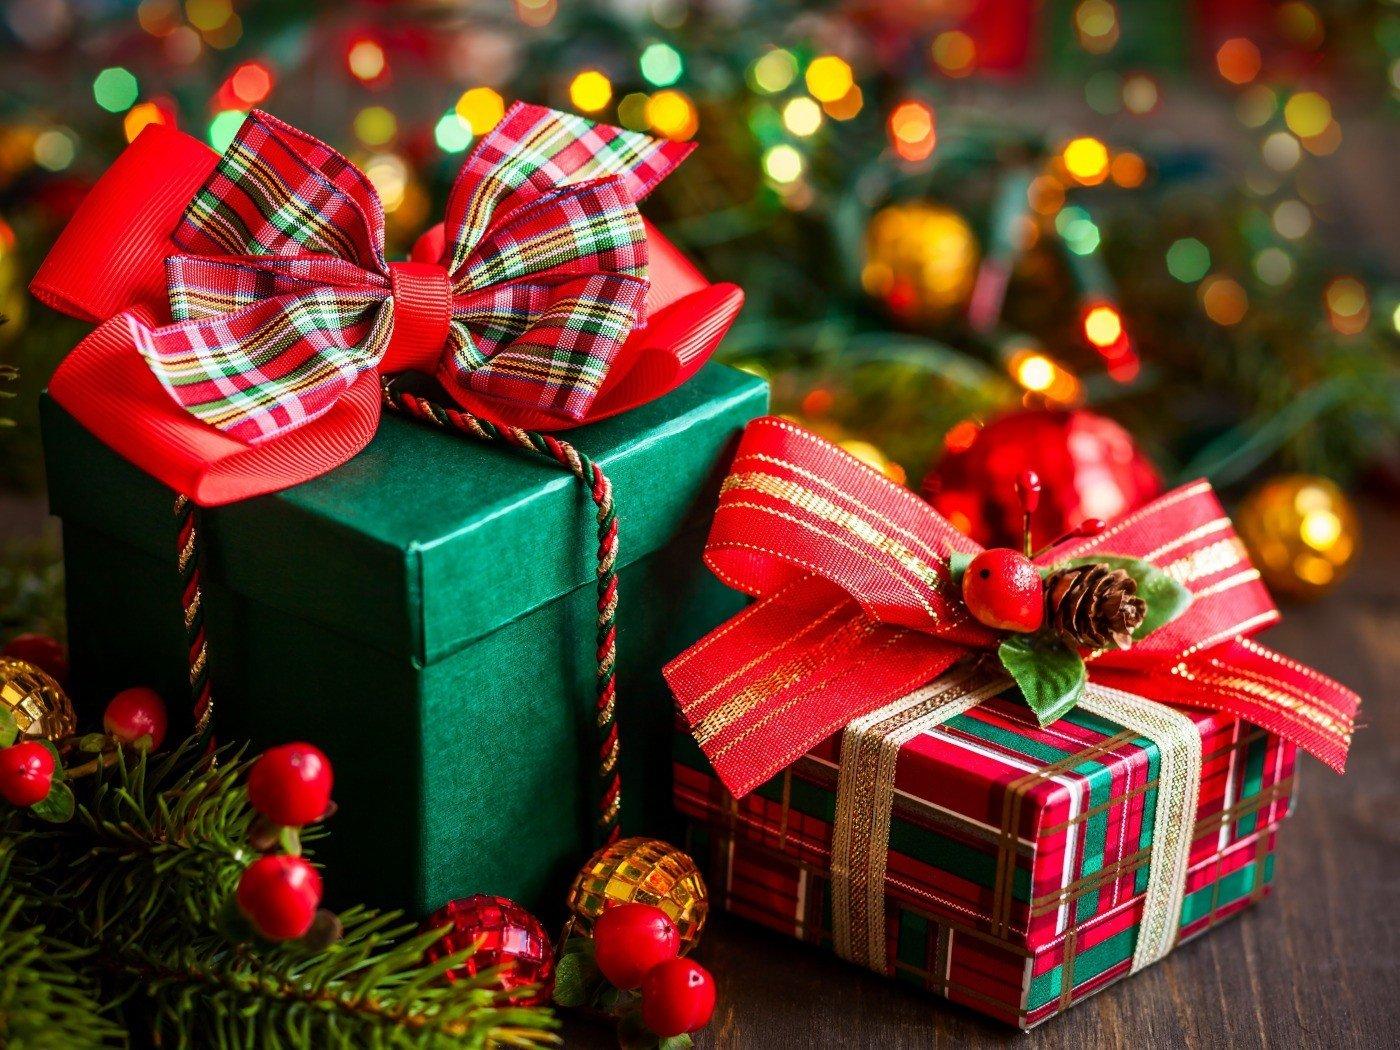 Мы подготовили для вас новогодний подарок